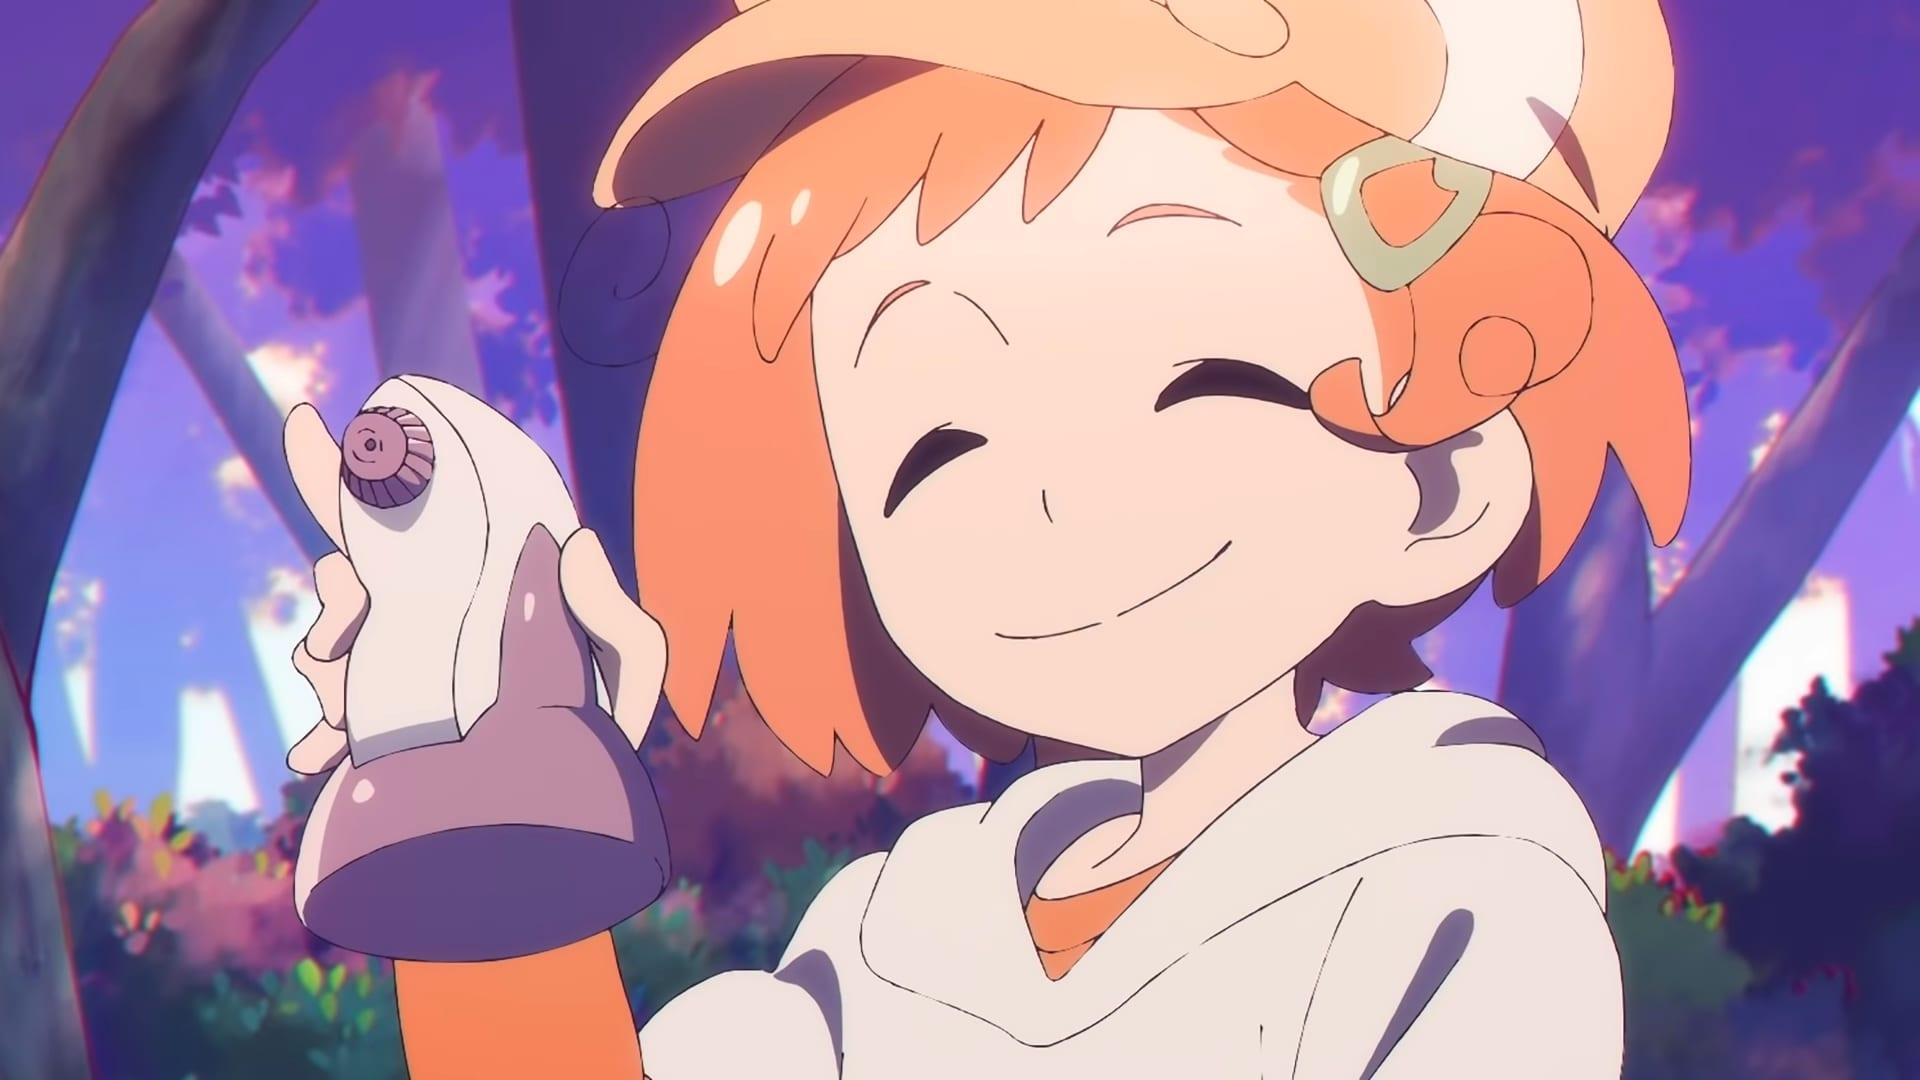 Pokétoon Yume no Tsubomi